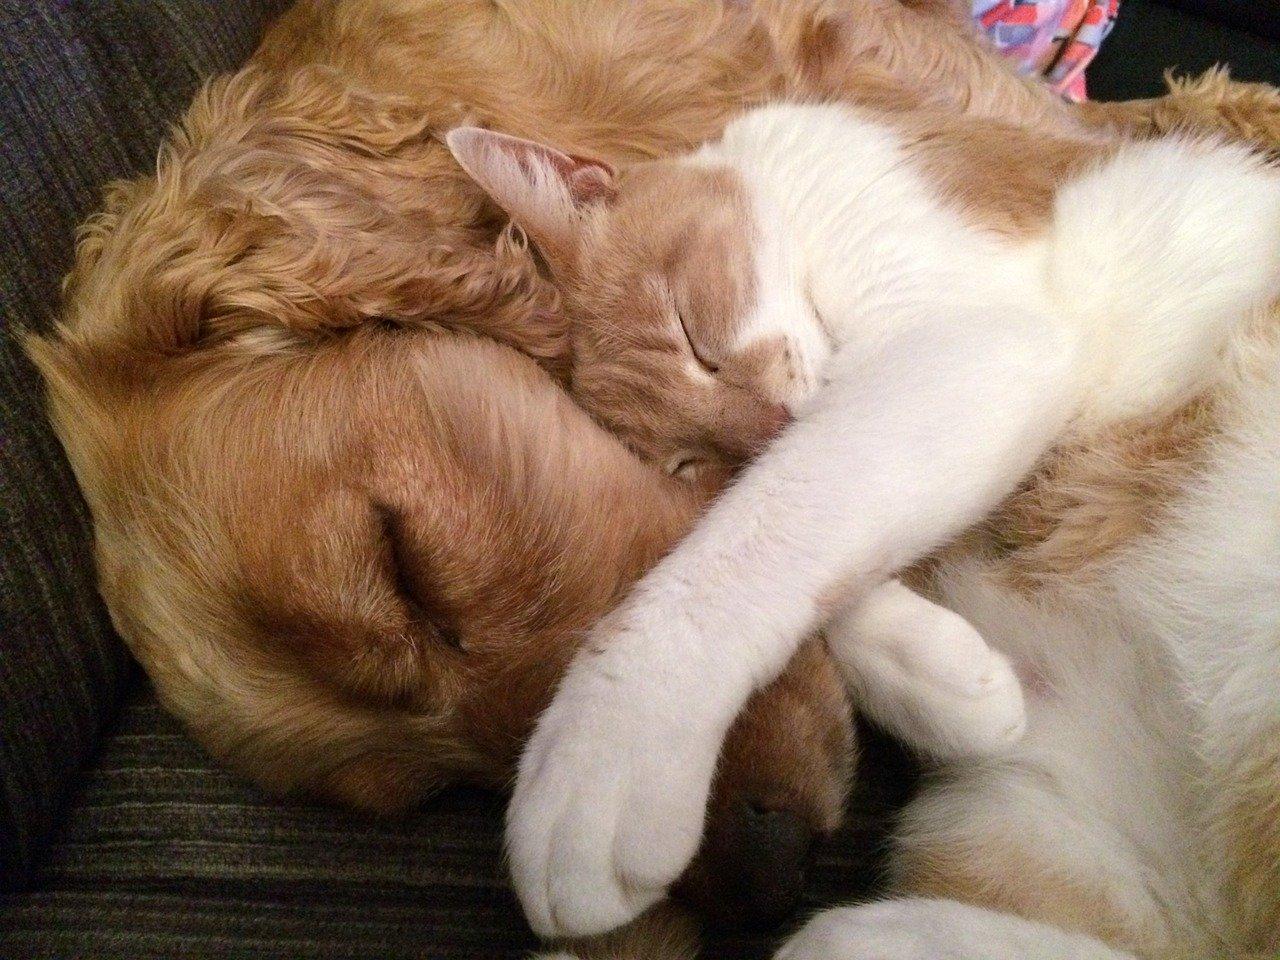 gatto accoccolato sul cane